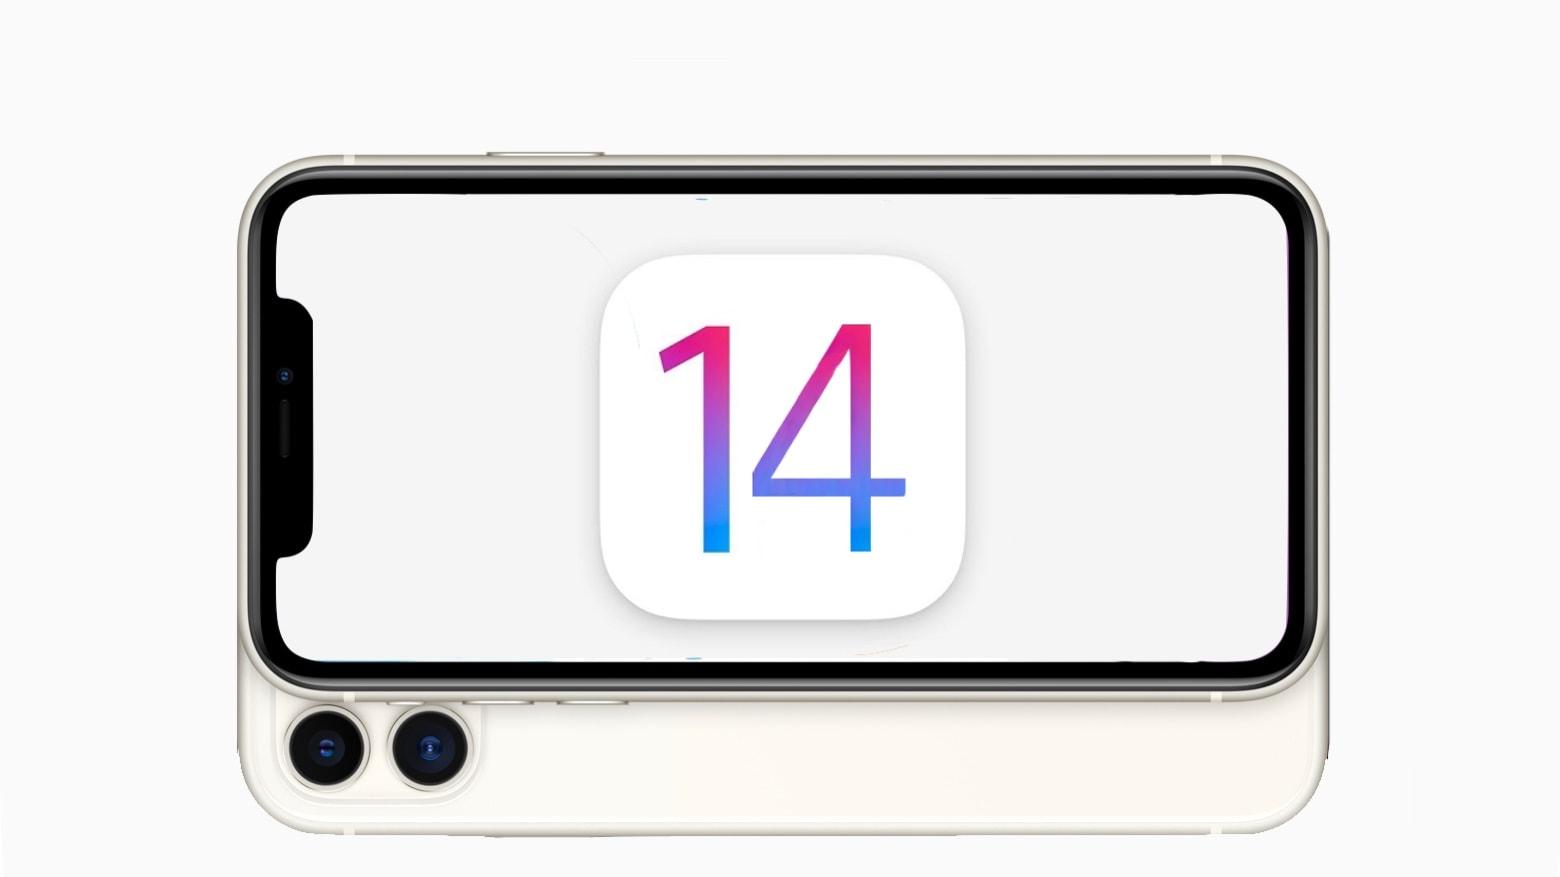 iOS 14 on an iPhone 11